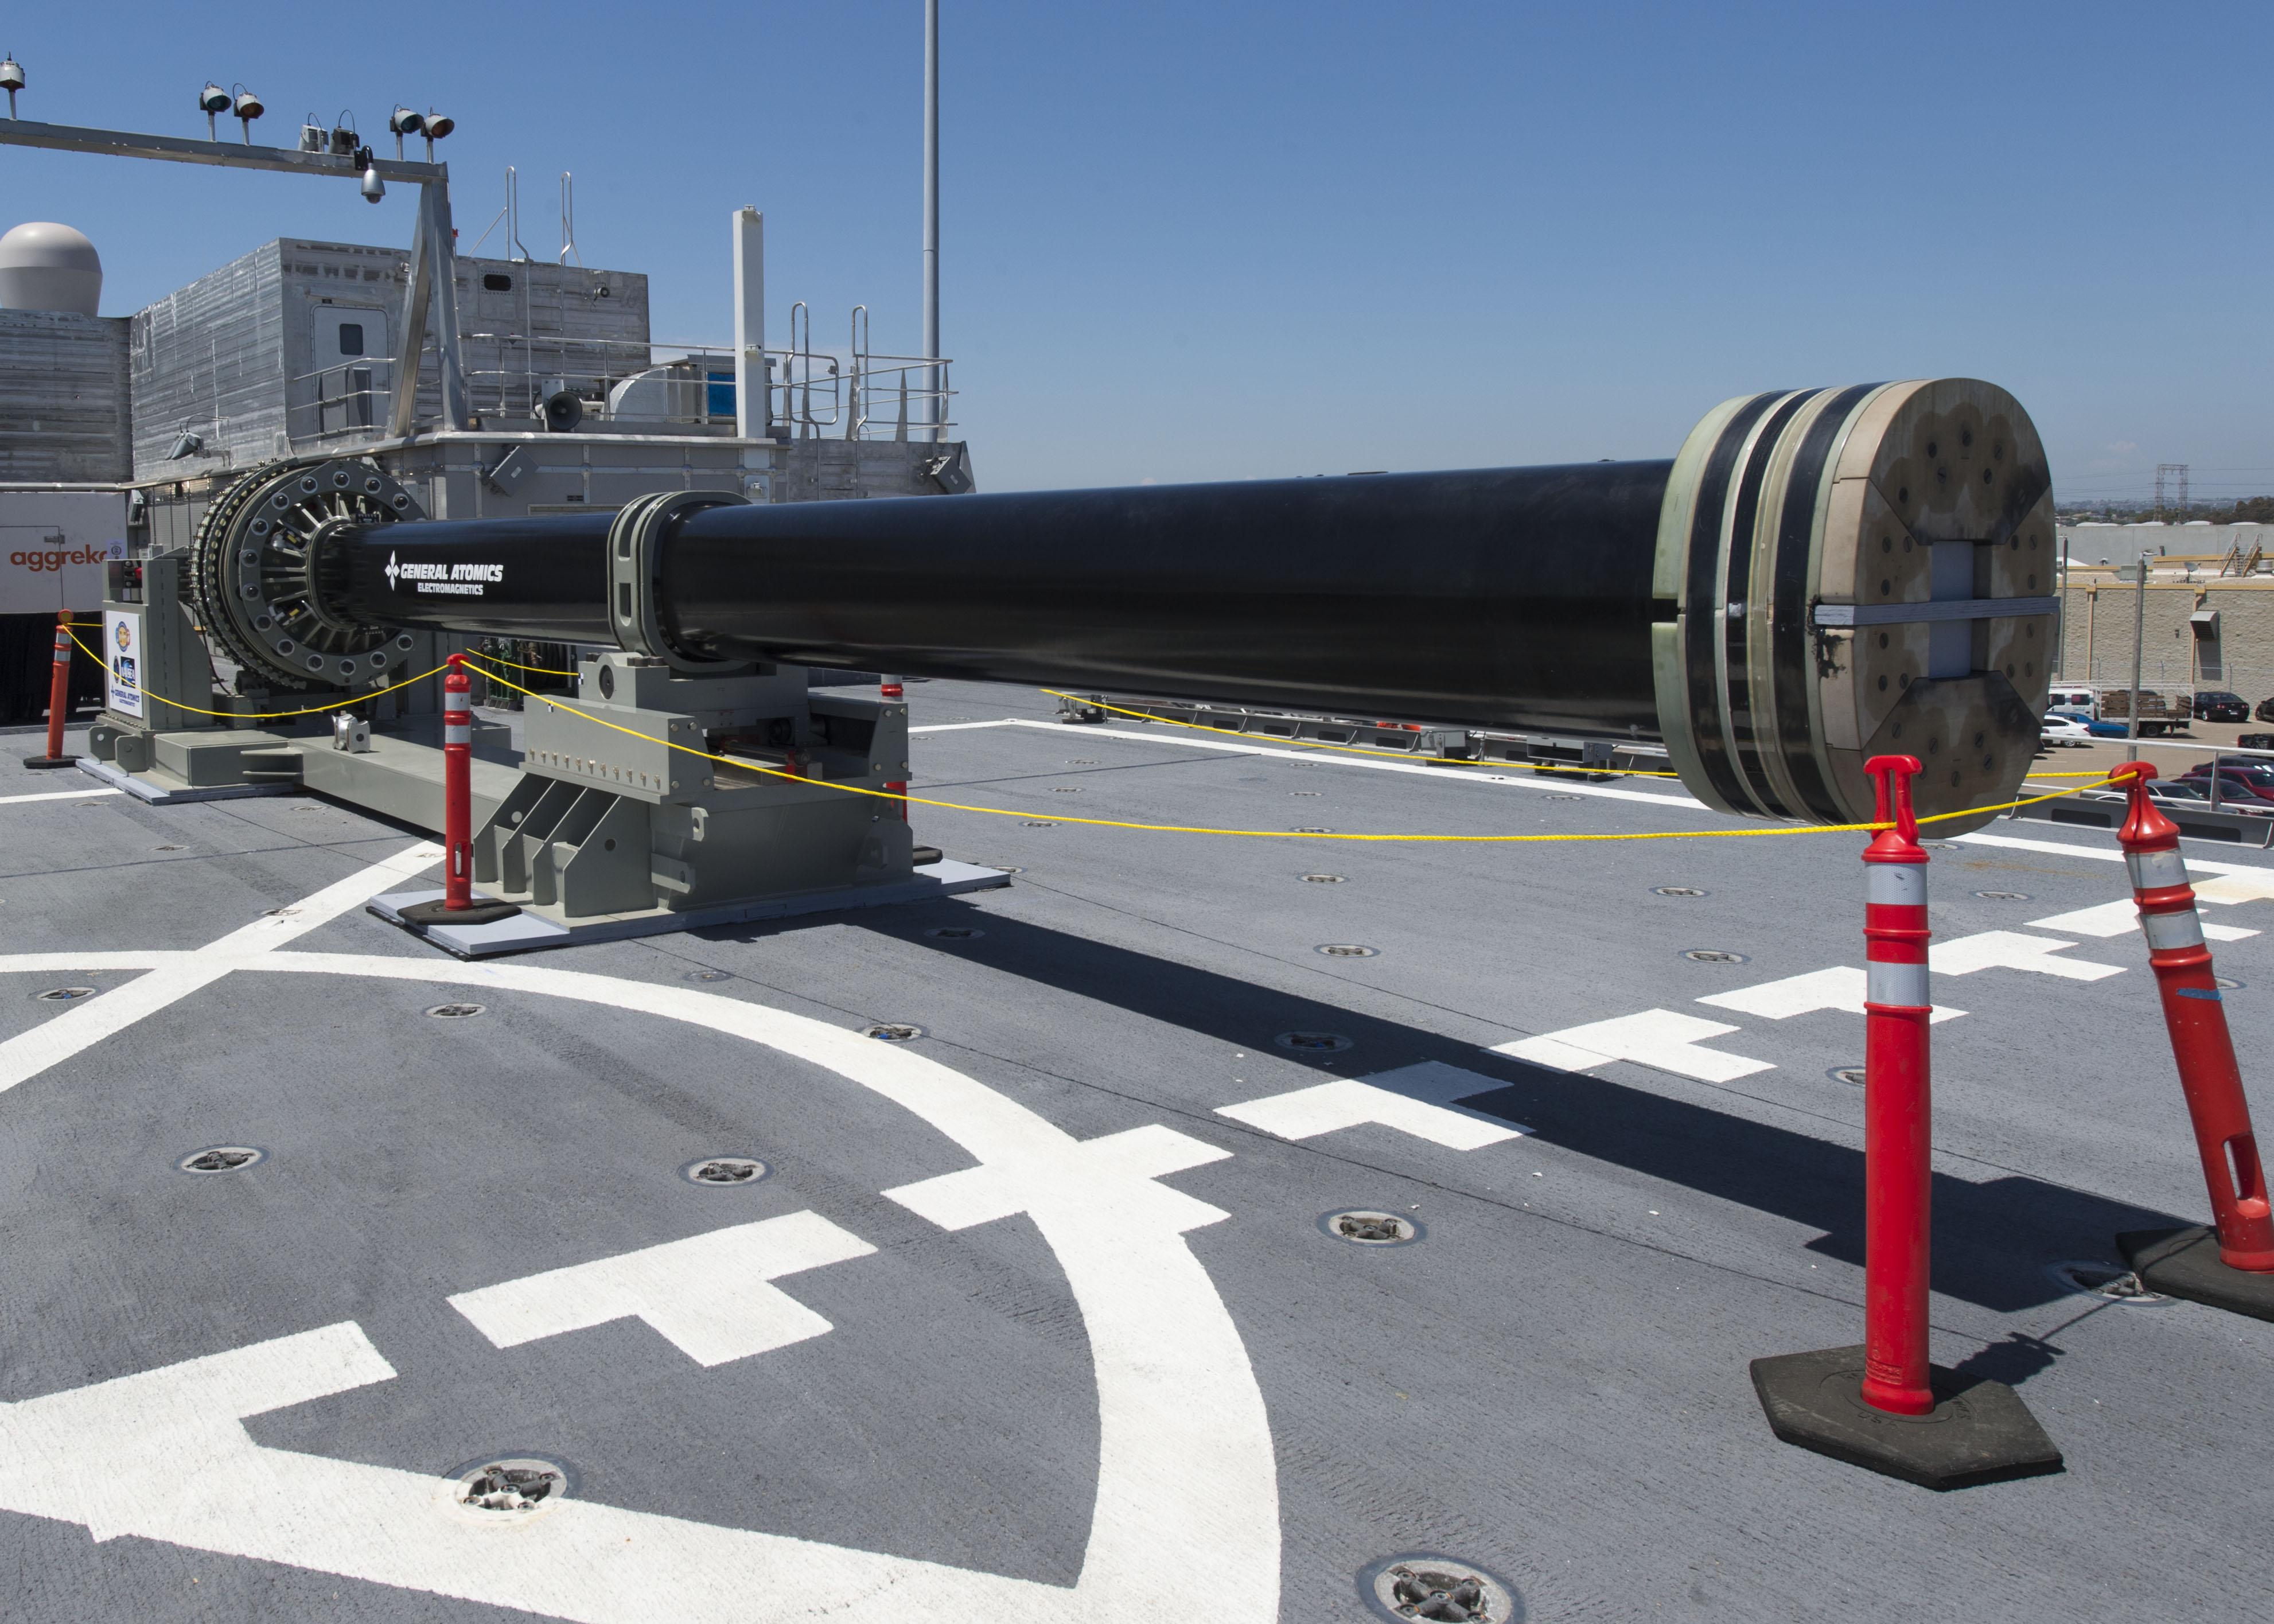 electromagnetic railgun, KEP, KEPs, One of two electromagnetic railgun prototypes on display aboard joint high speed vessel USS Millinocket, weaponized meteor strike